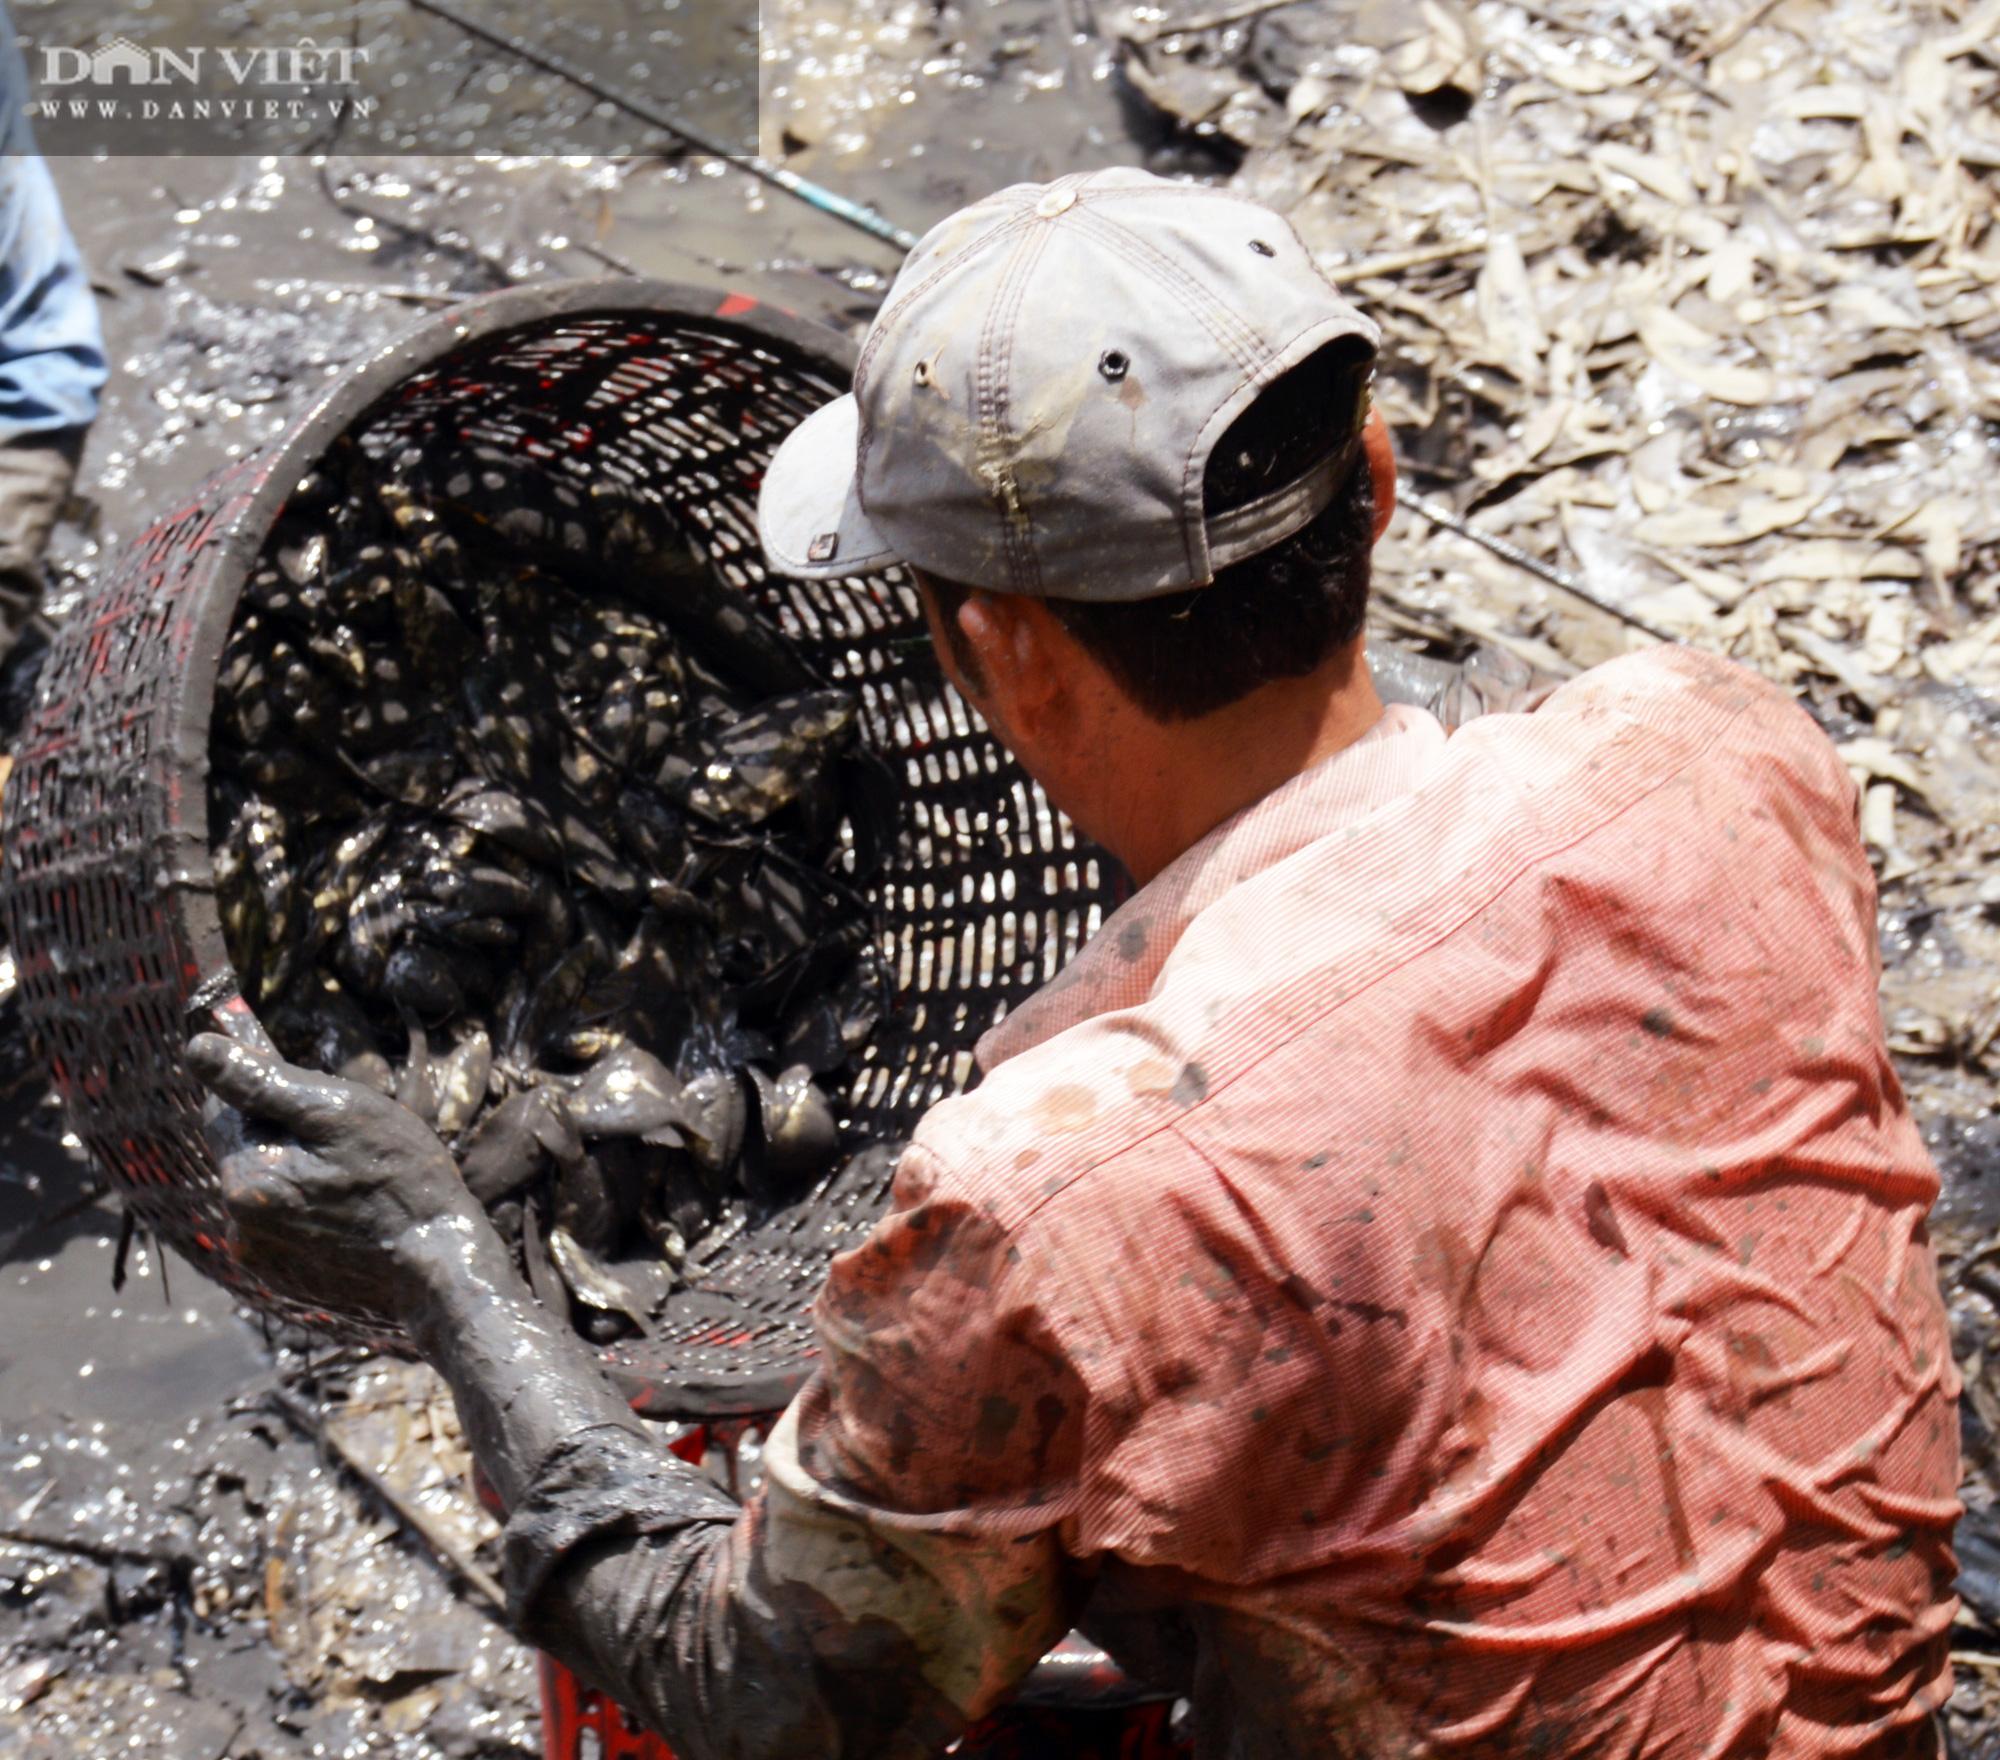 Về Cà Mau tát đìa bắt cá đồng to bự mang nướng than giữa đồng - Ảnh 9.